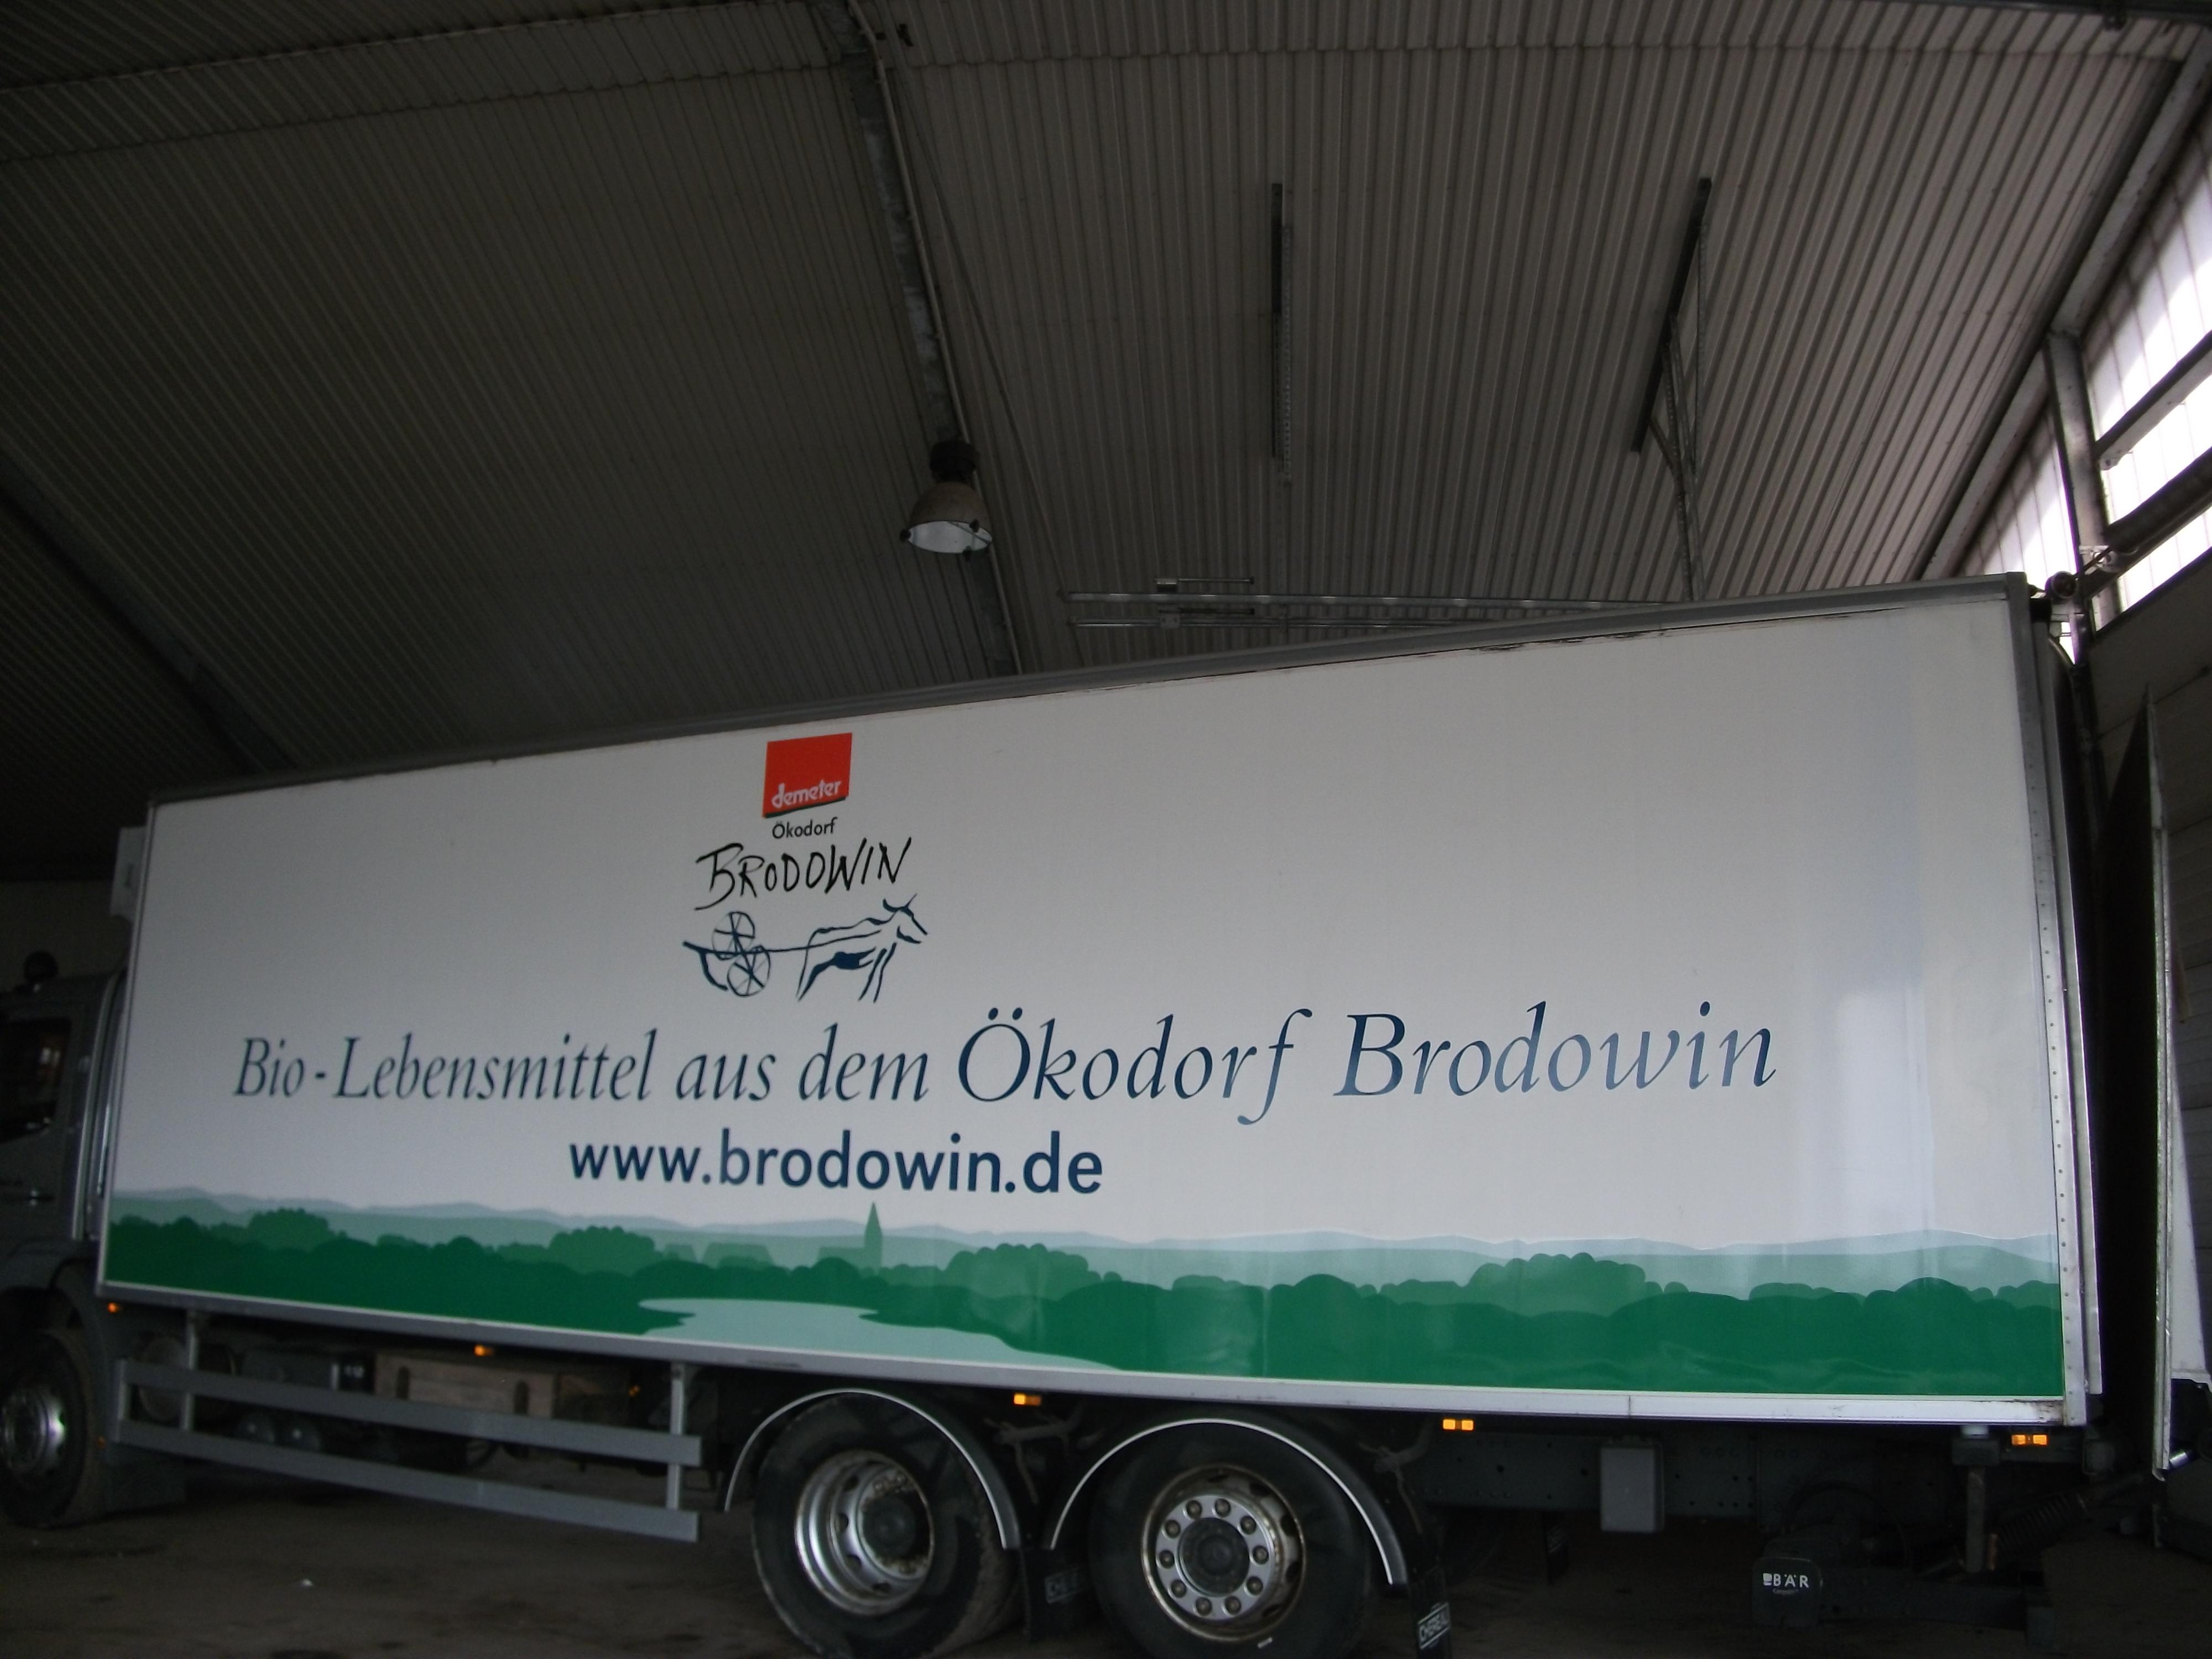 LKW Beschriftung Ökodorf Brodowin